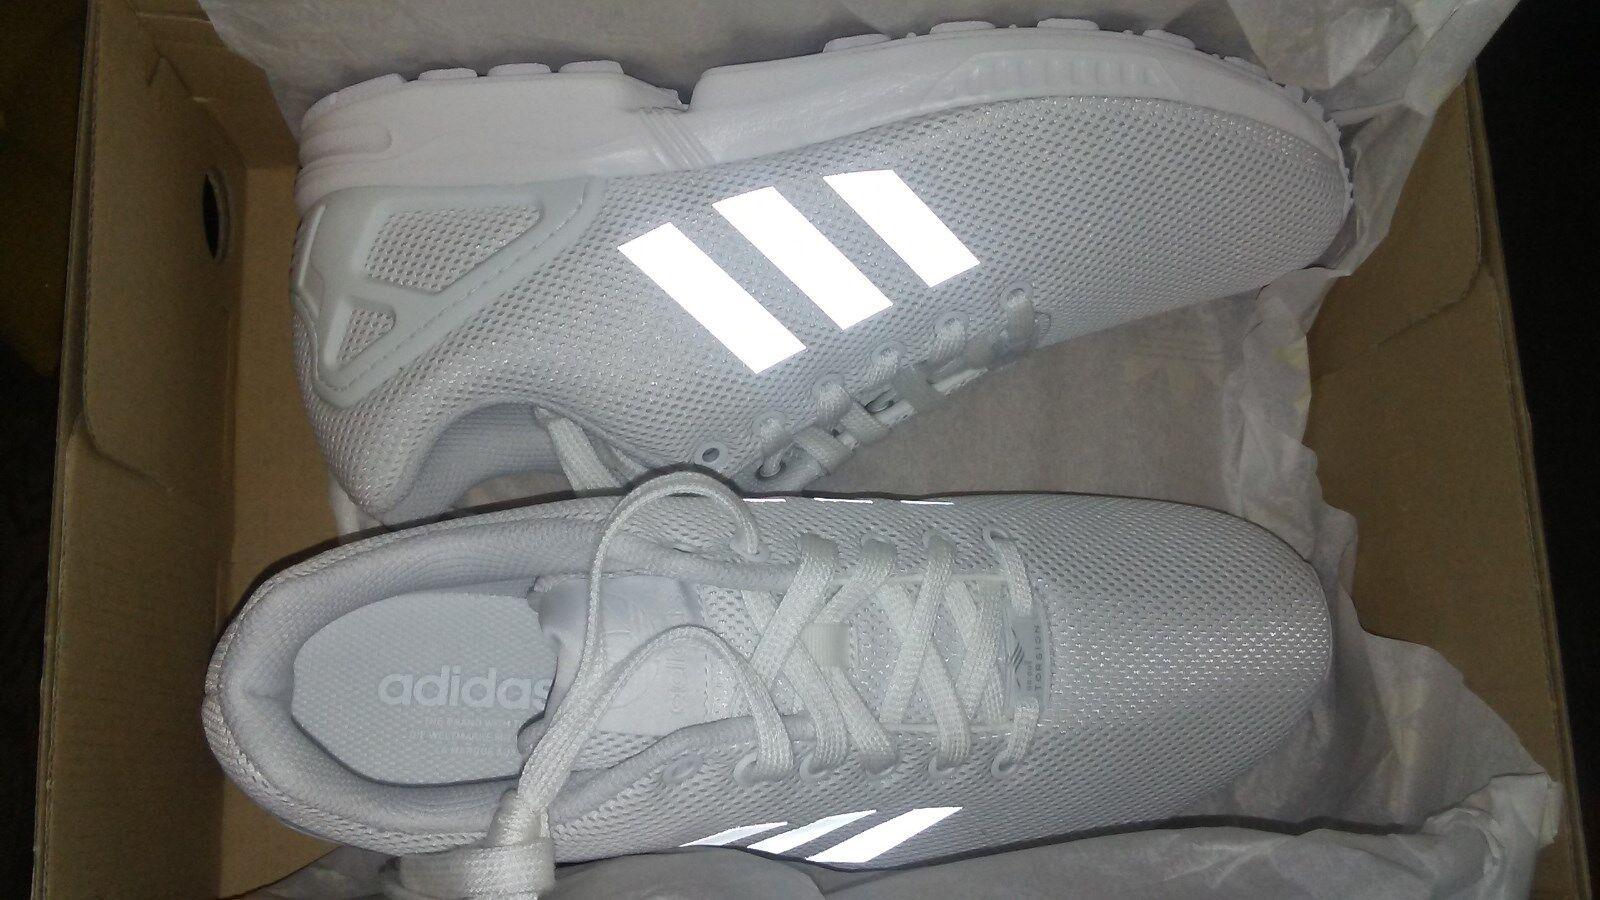 Adidas originali del bianco / 3 strisce 10 riflettenti Uomo scarpe taglia 10 strisce a771e1